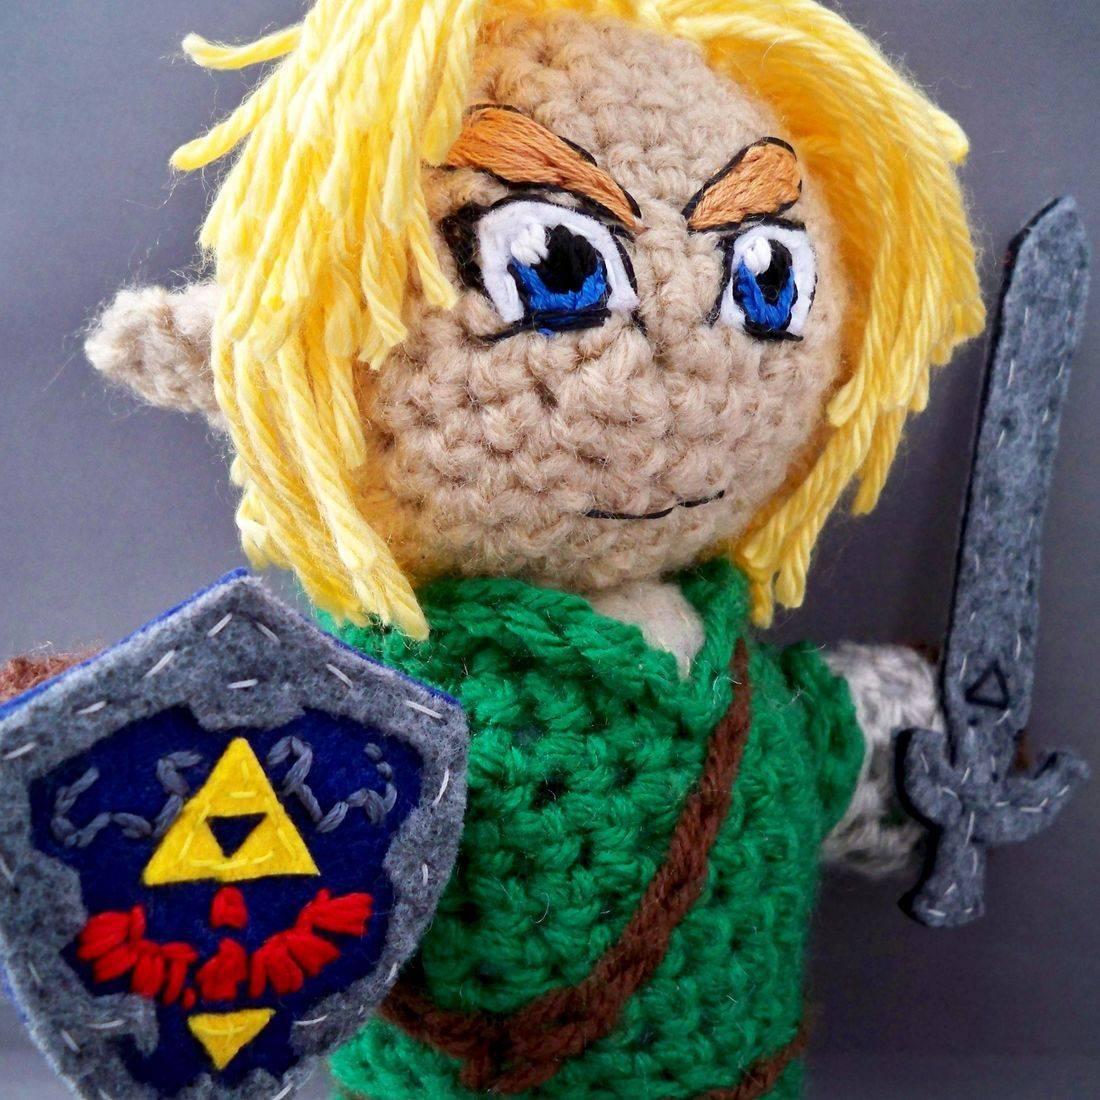 Link, Legend of Zelda, Breath of the Wild, Nintendo, amigurumi, plush, doll, crochet, handmade, geek, nerd